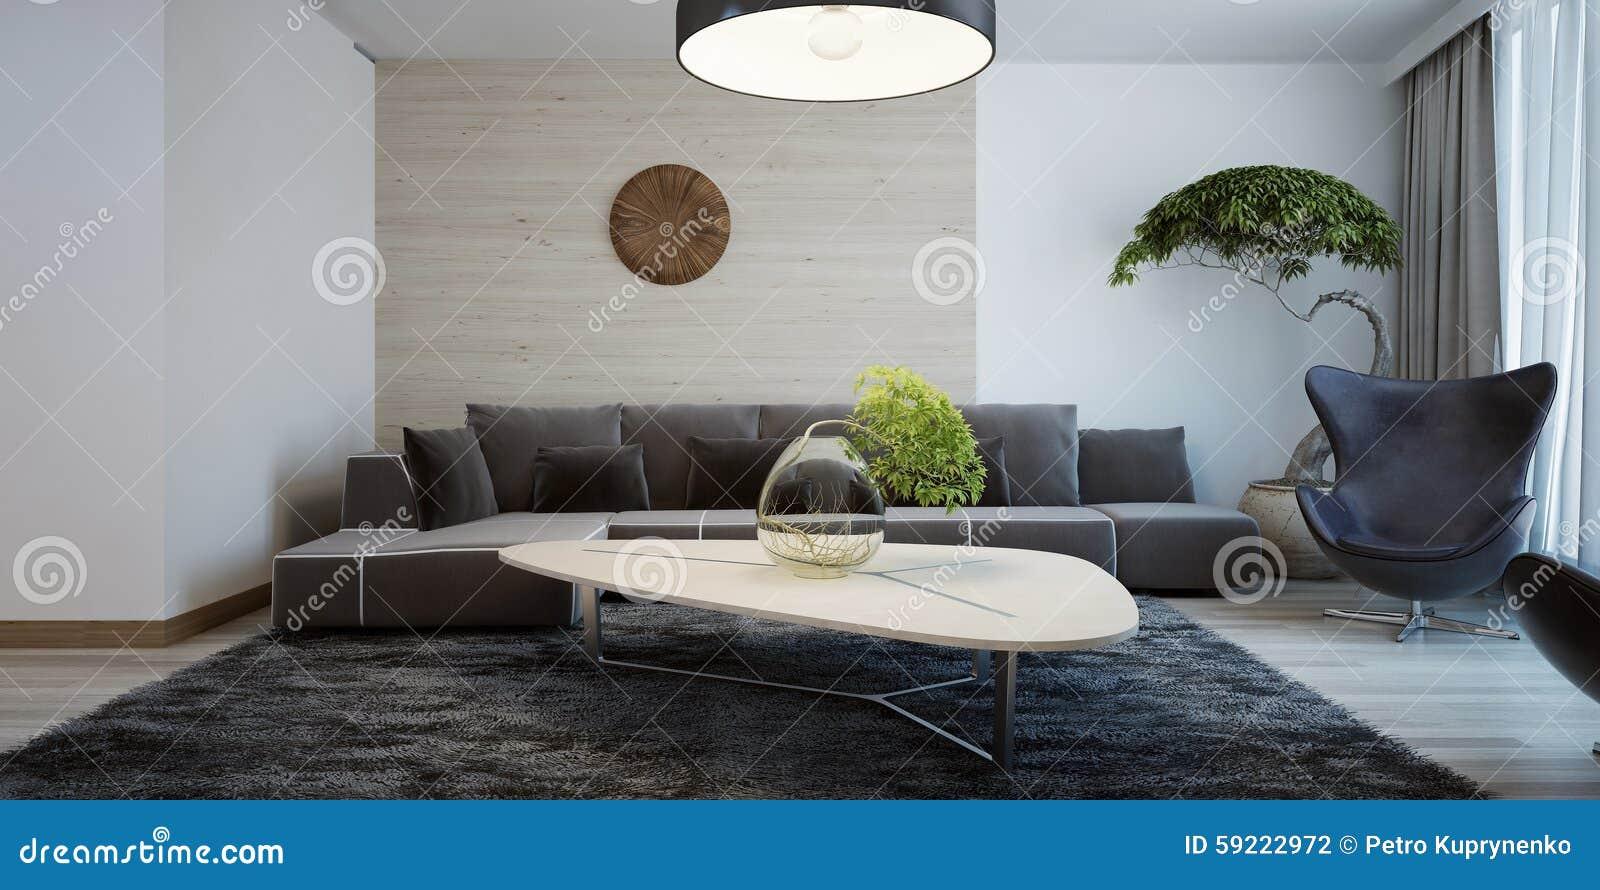 Idée de salon contemporain photo stock. Image du vert - 59222972